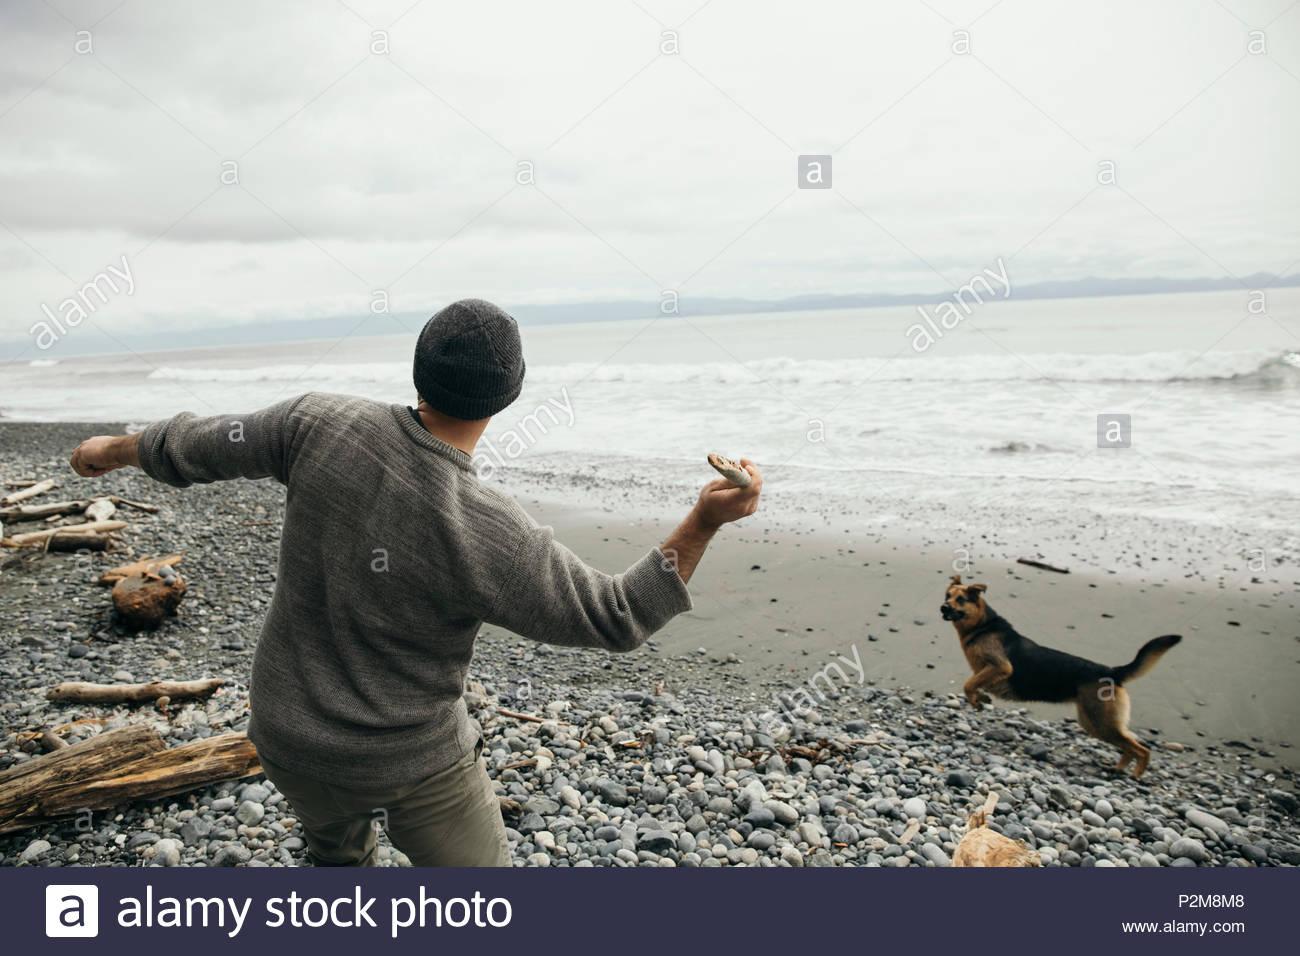 L'uomo gettando stick per cani sulla spiaggia di robusti Immagini Stock